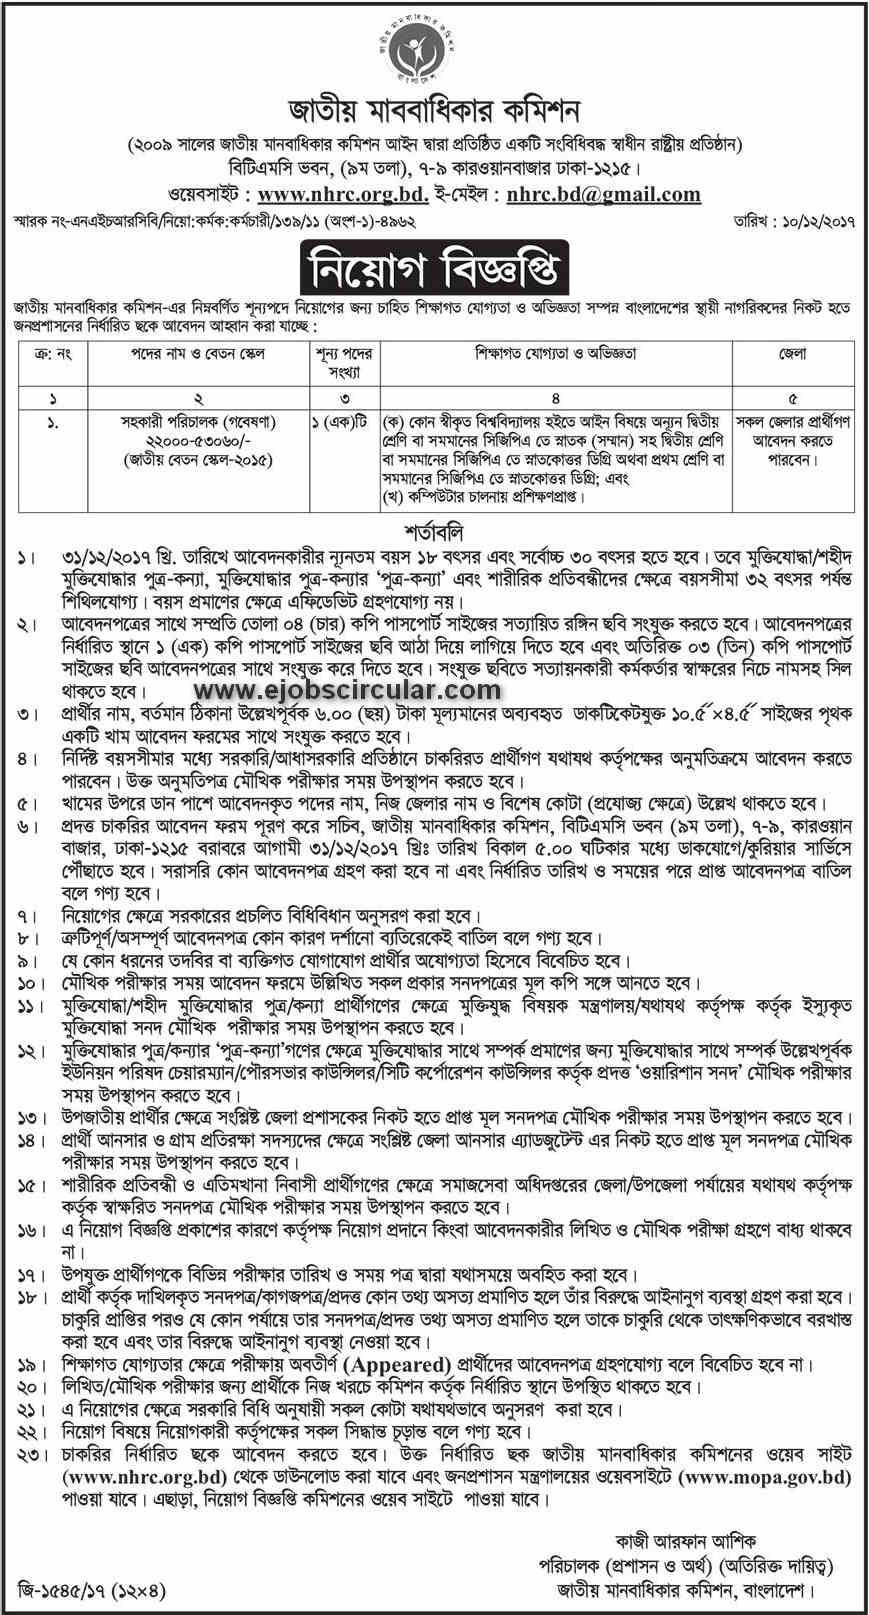 NHRC Job Circular